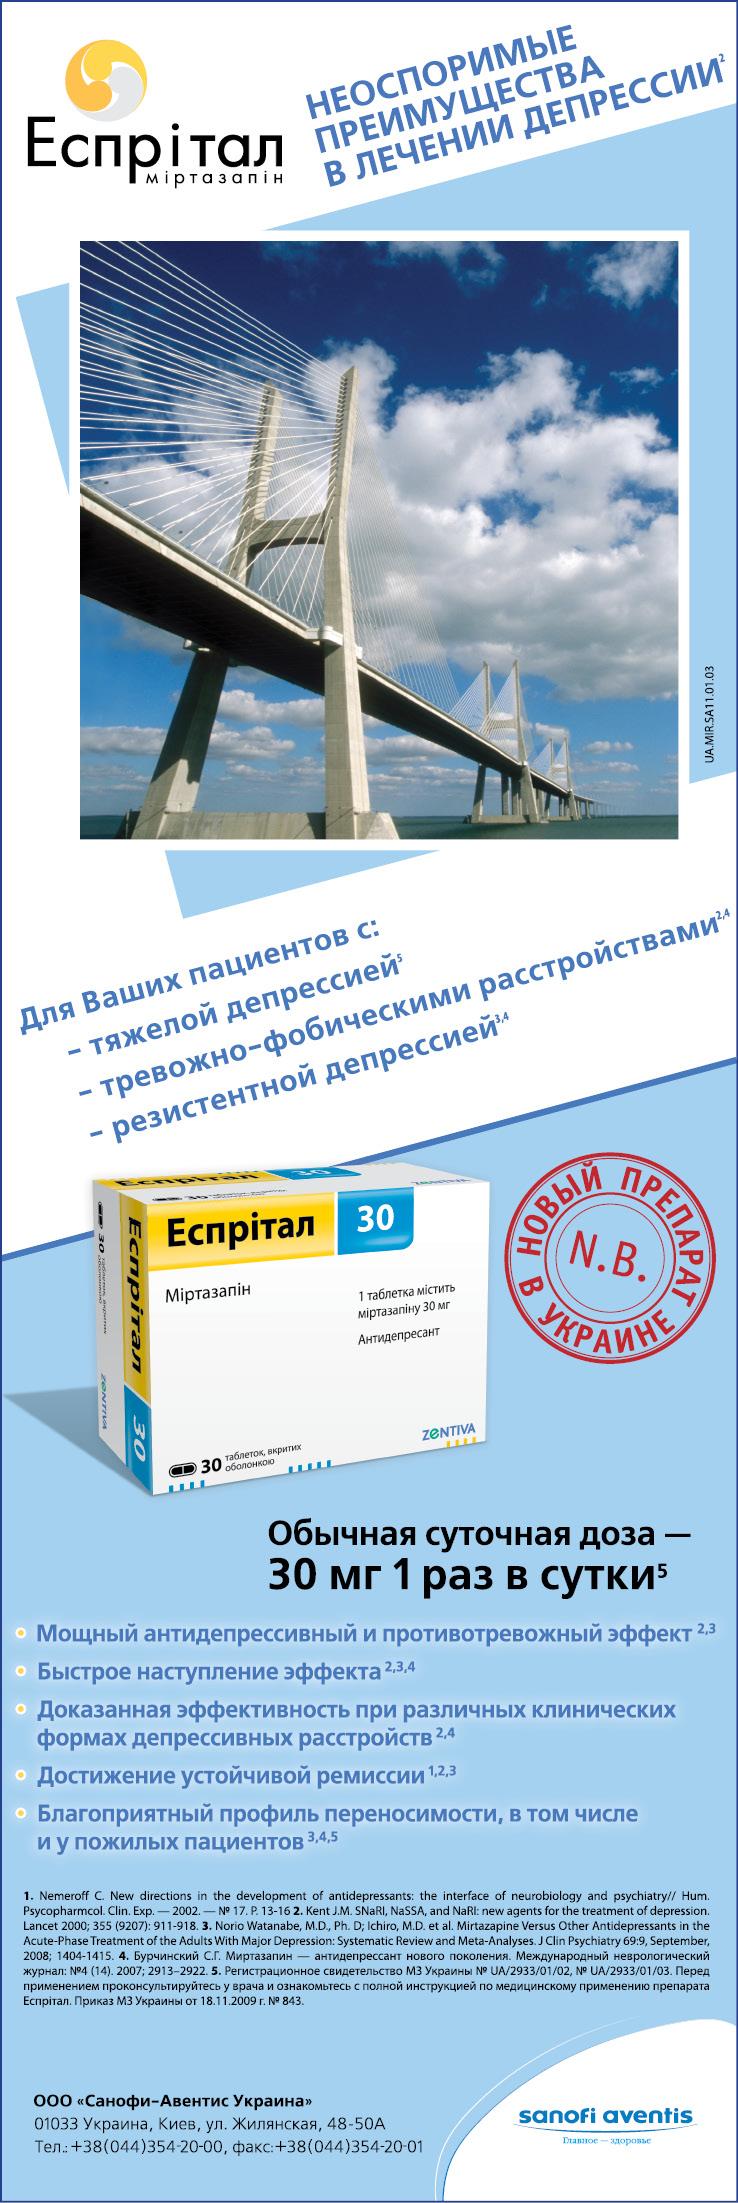 Эспритал